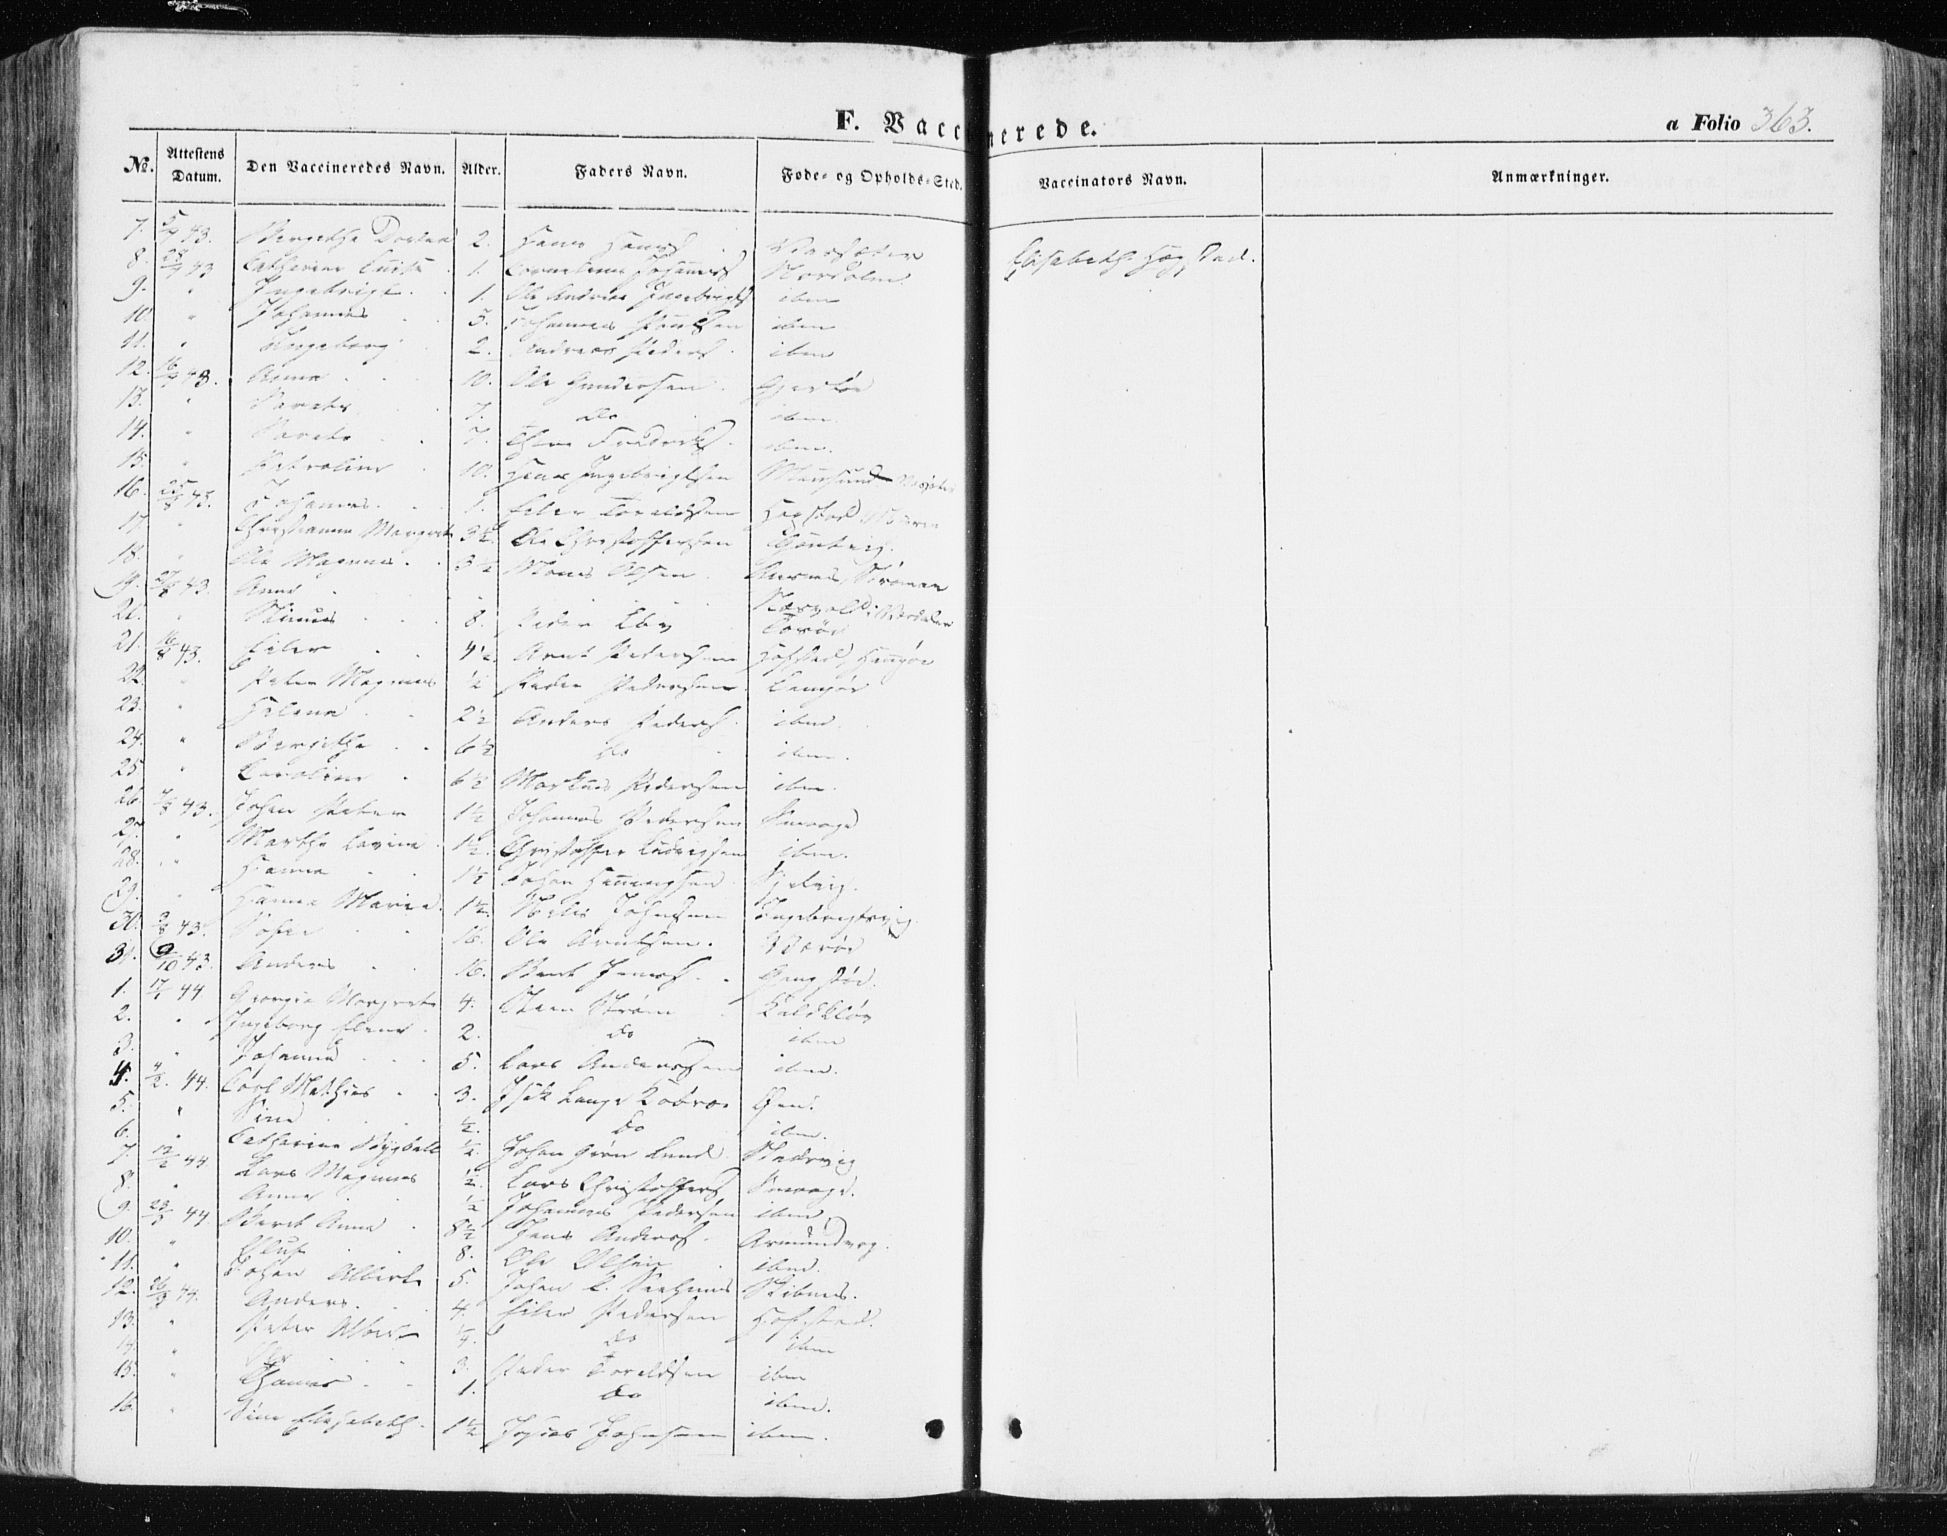 SAT, Ministerialprotokoller, klokkerbøker og fødselsregistre - Sør-Trøndelag, 634/L0529: Ministerialbok nr. 634A05, 1843-1851, s. 363